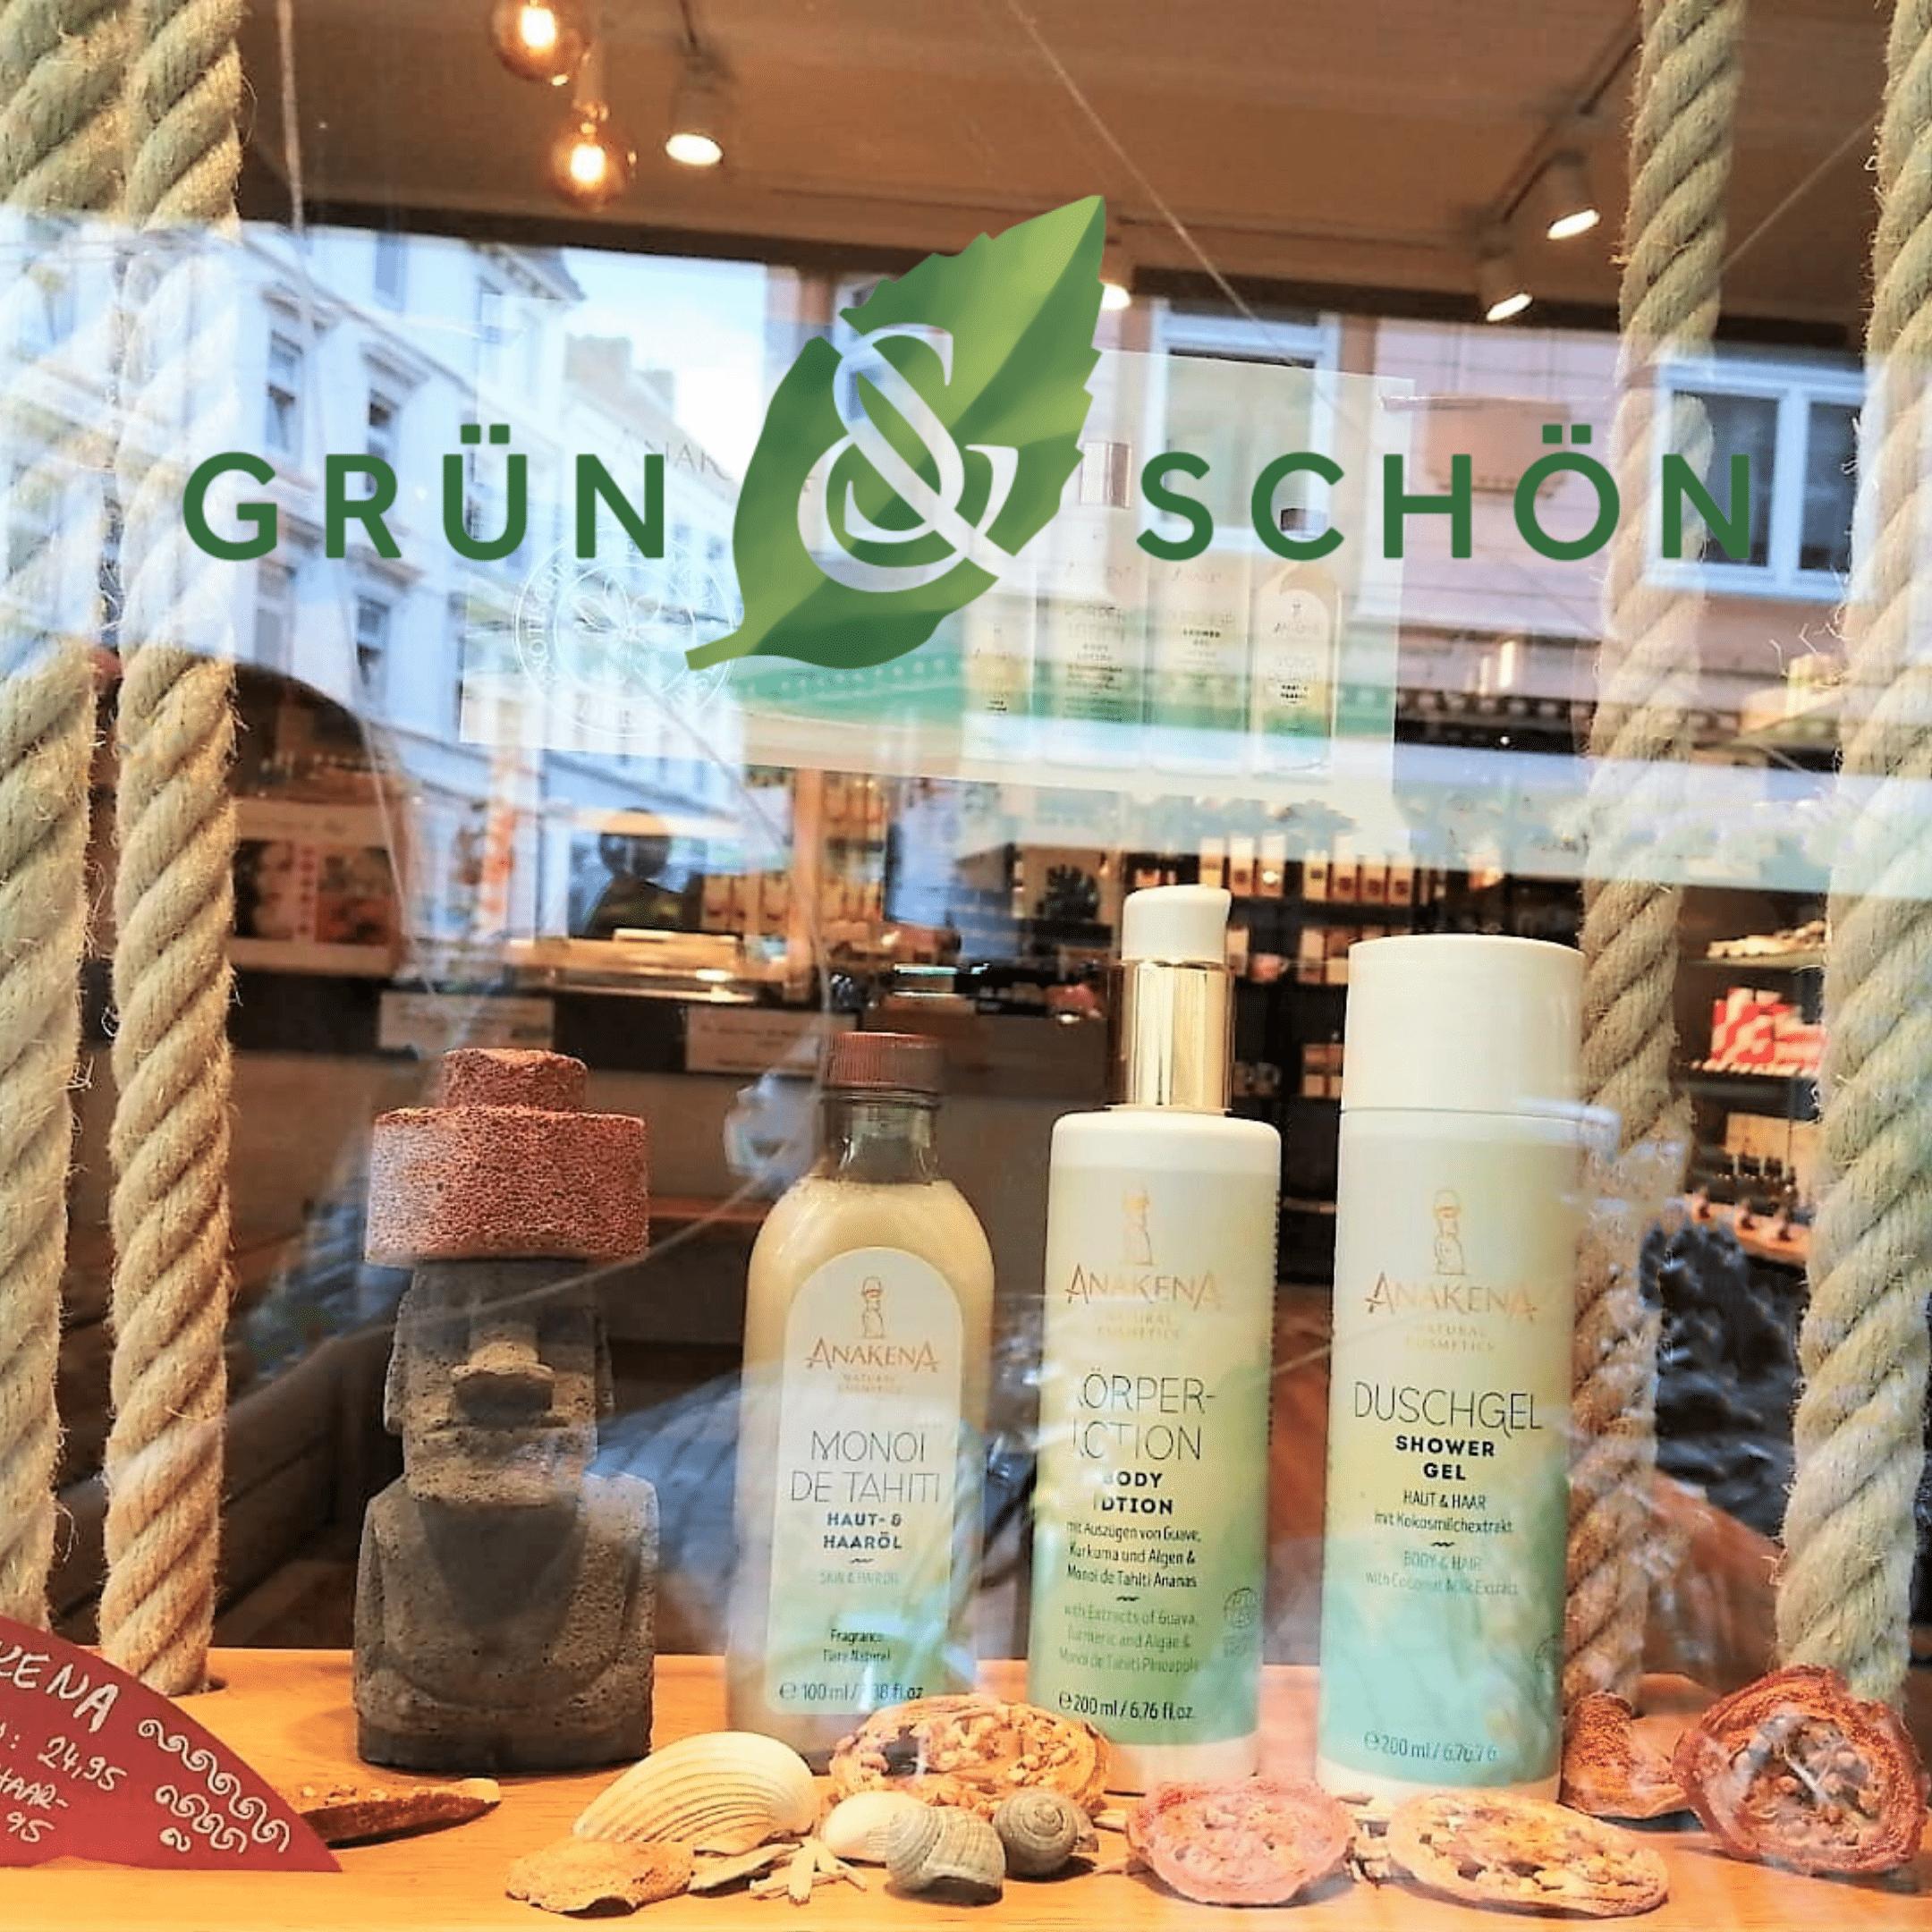 Grün & Schön in Hamburg